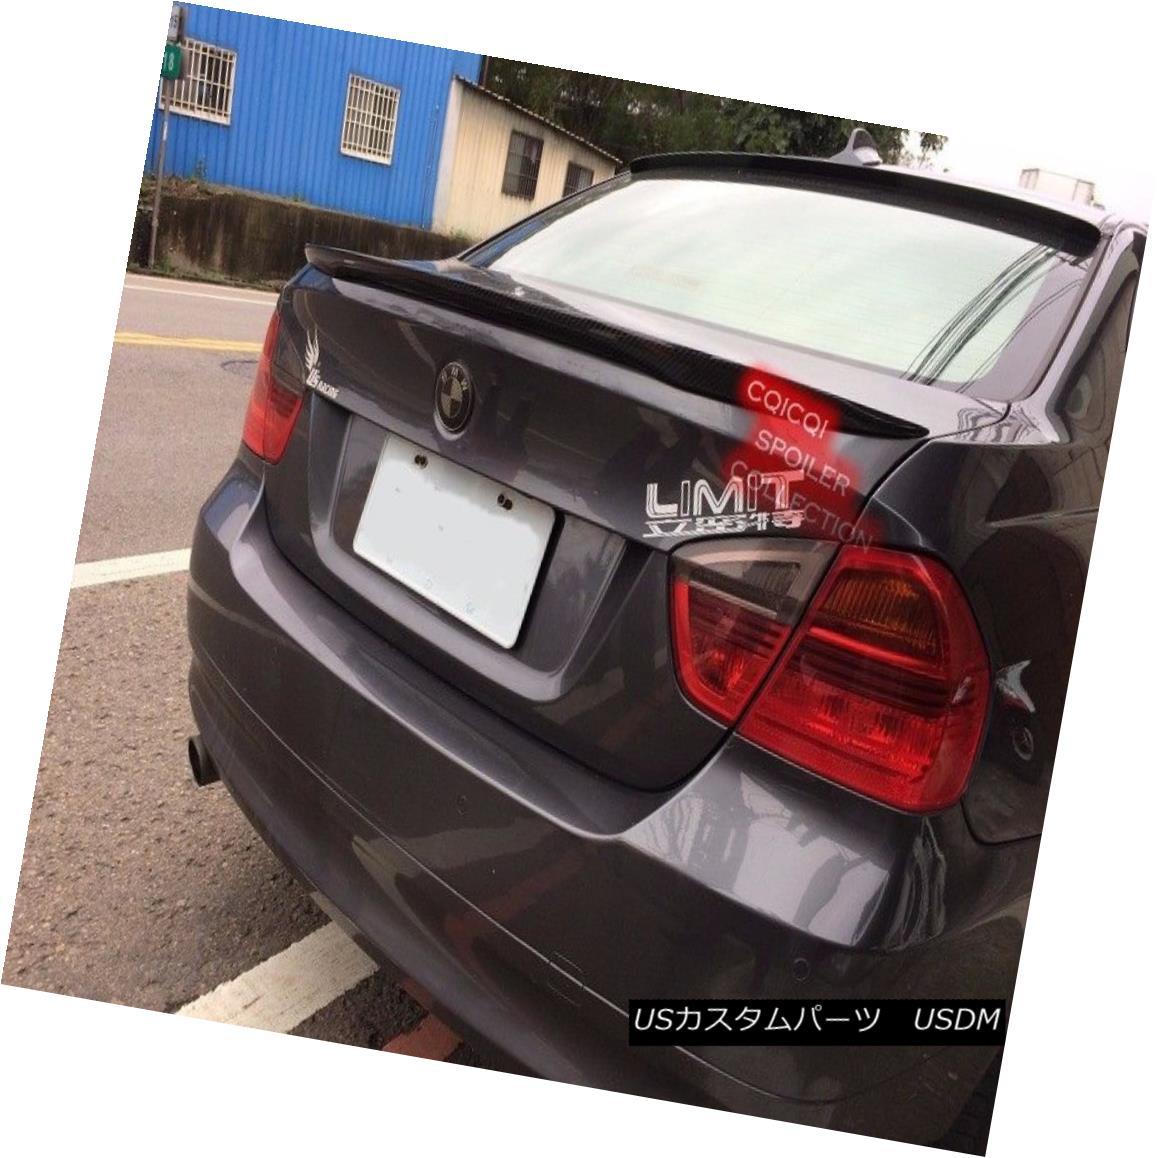 エアロパーツ Painted BMW 06~11 E90 3-series sedan Performance type trunk spoiler◎ ペイントされたBMW 06?11 E90 3シリーズセダンパフォーマンスタイプのトランク・スポイラー?